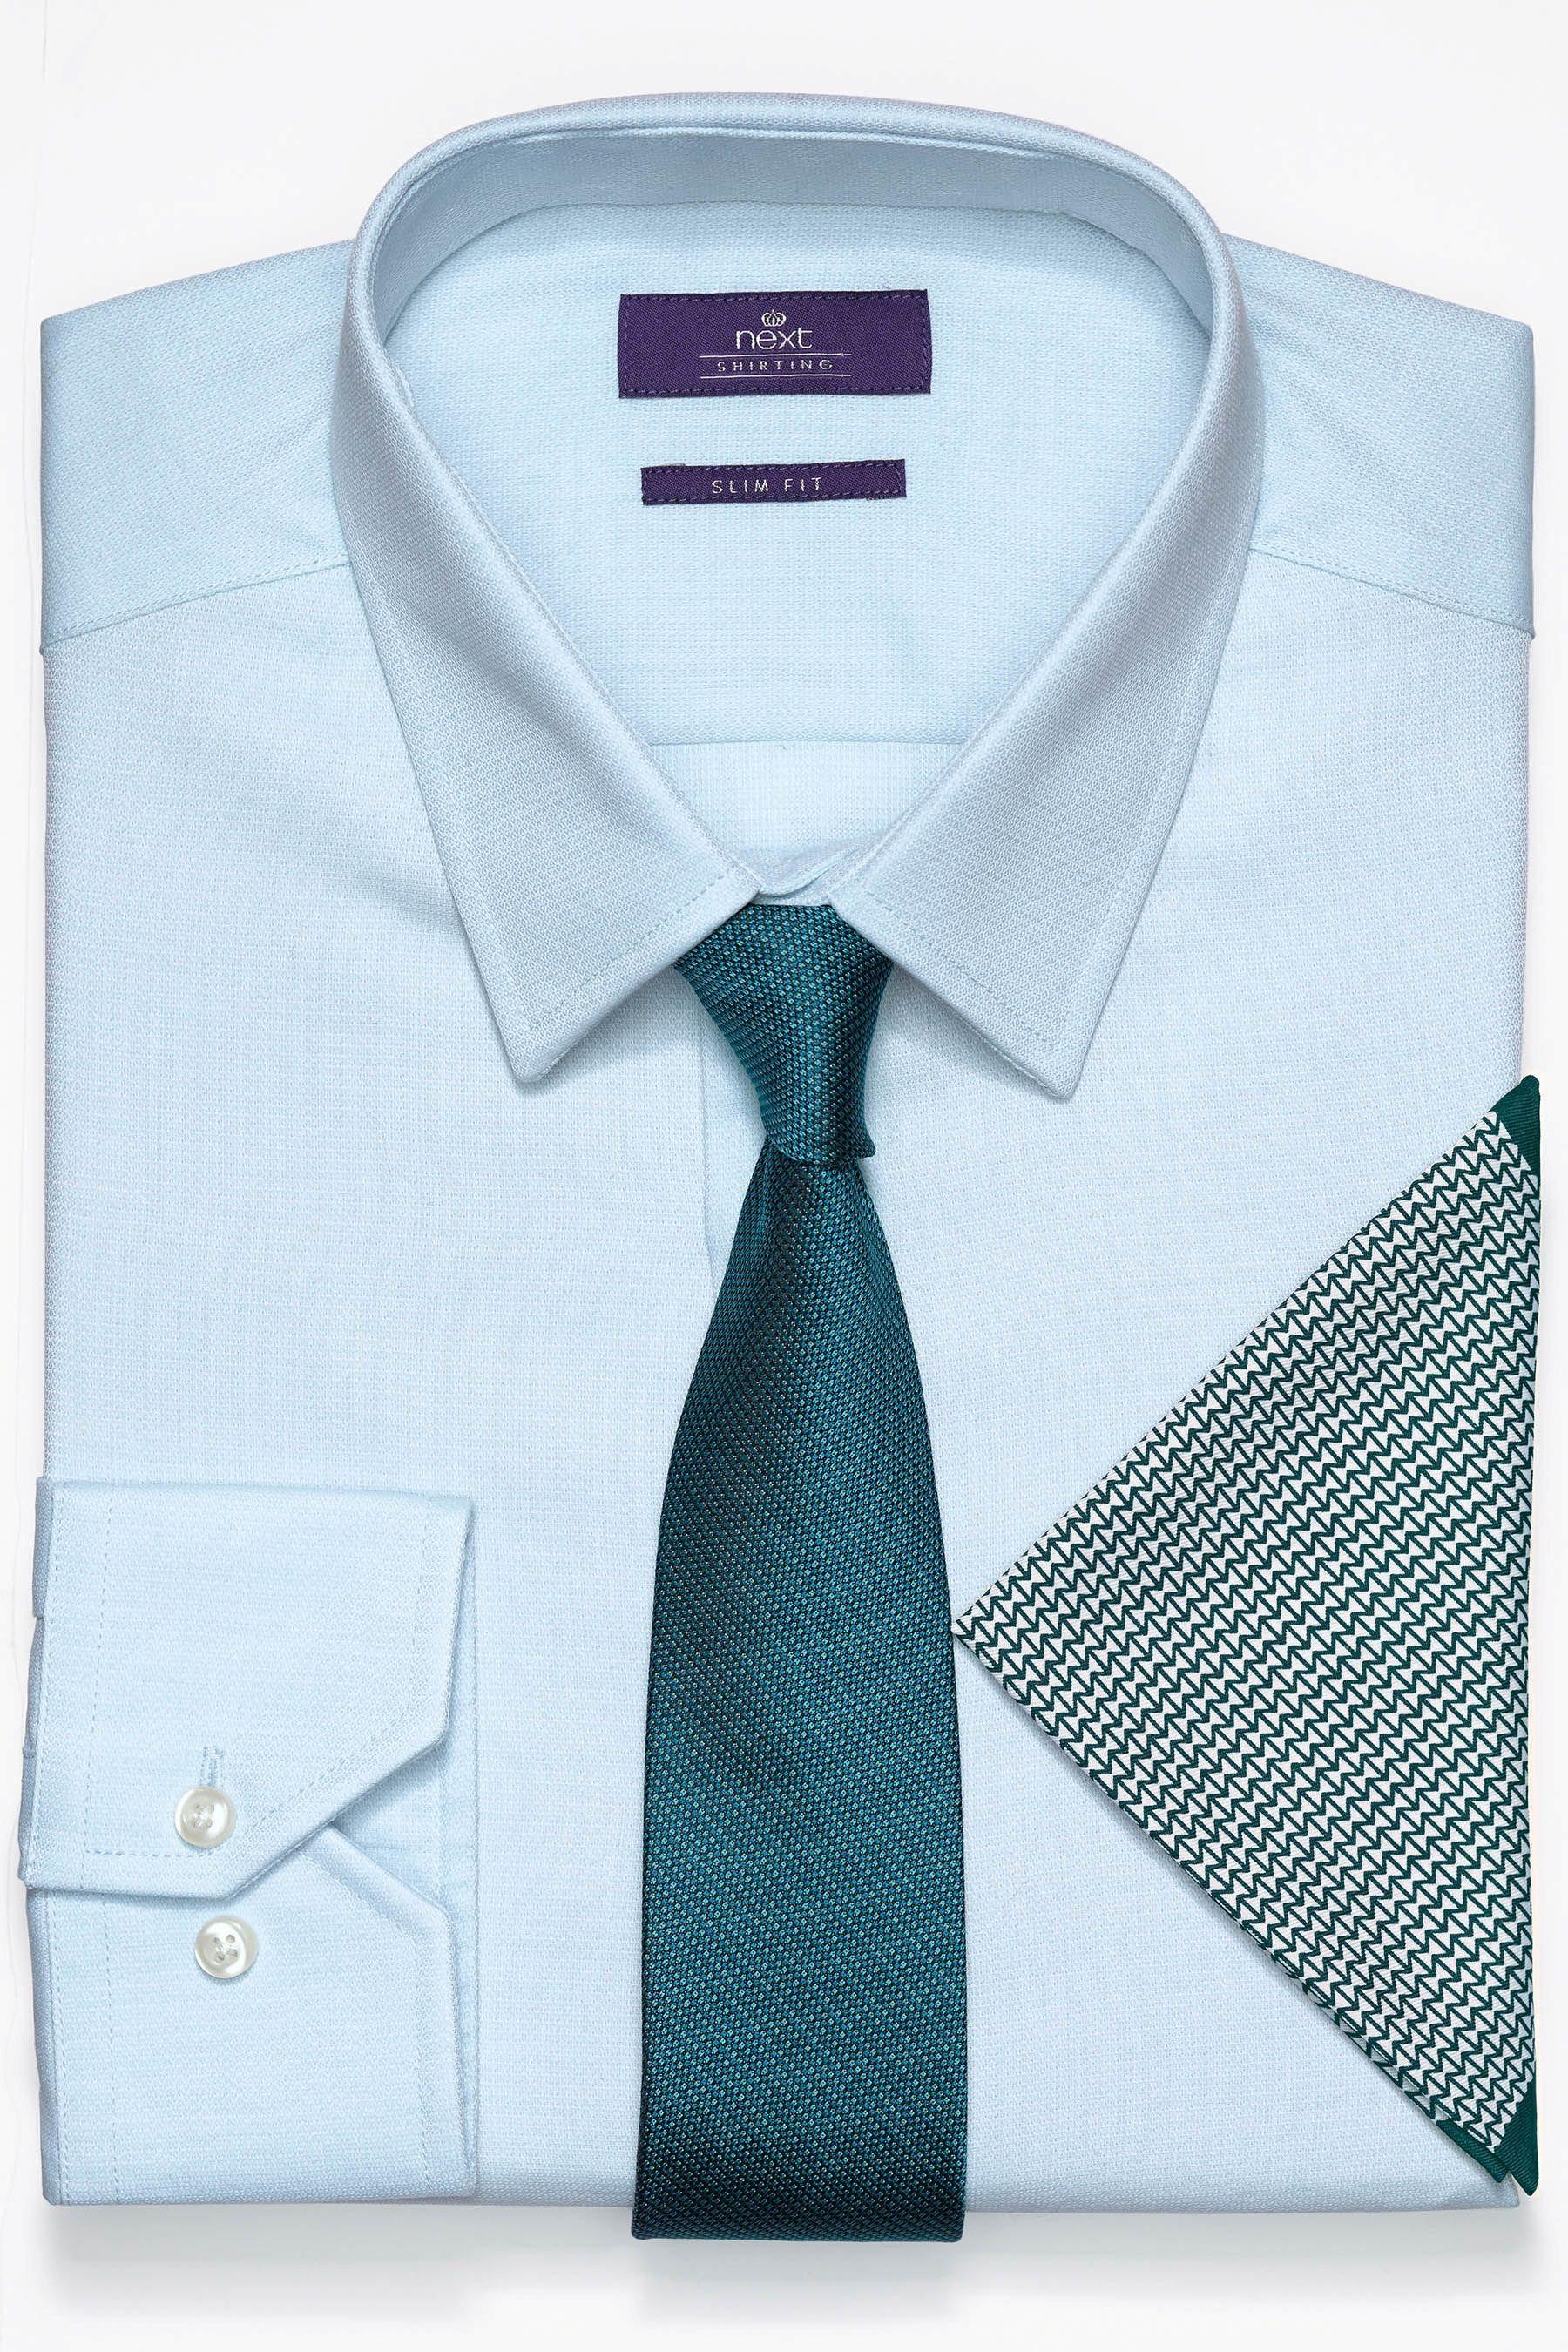 Next Strukturhemd, Krawatte und Einstecktuch im Set 3 teilig